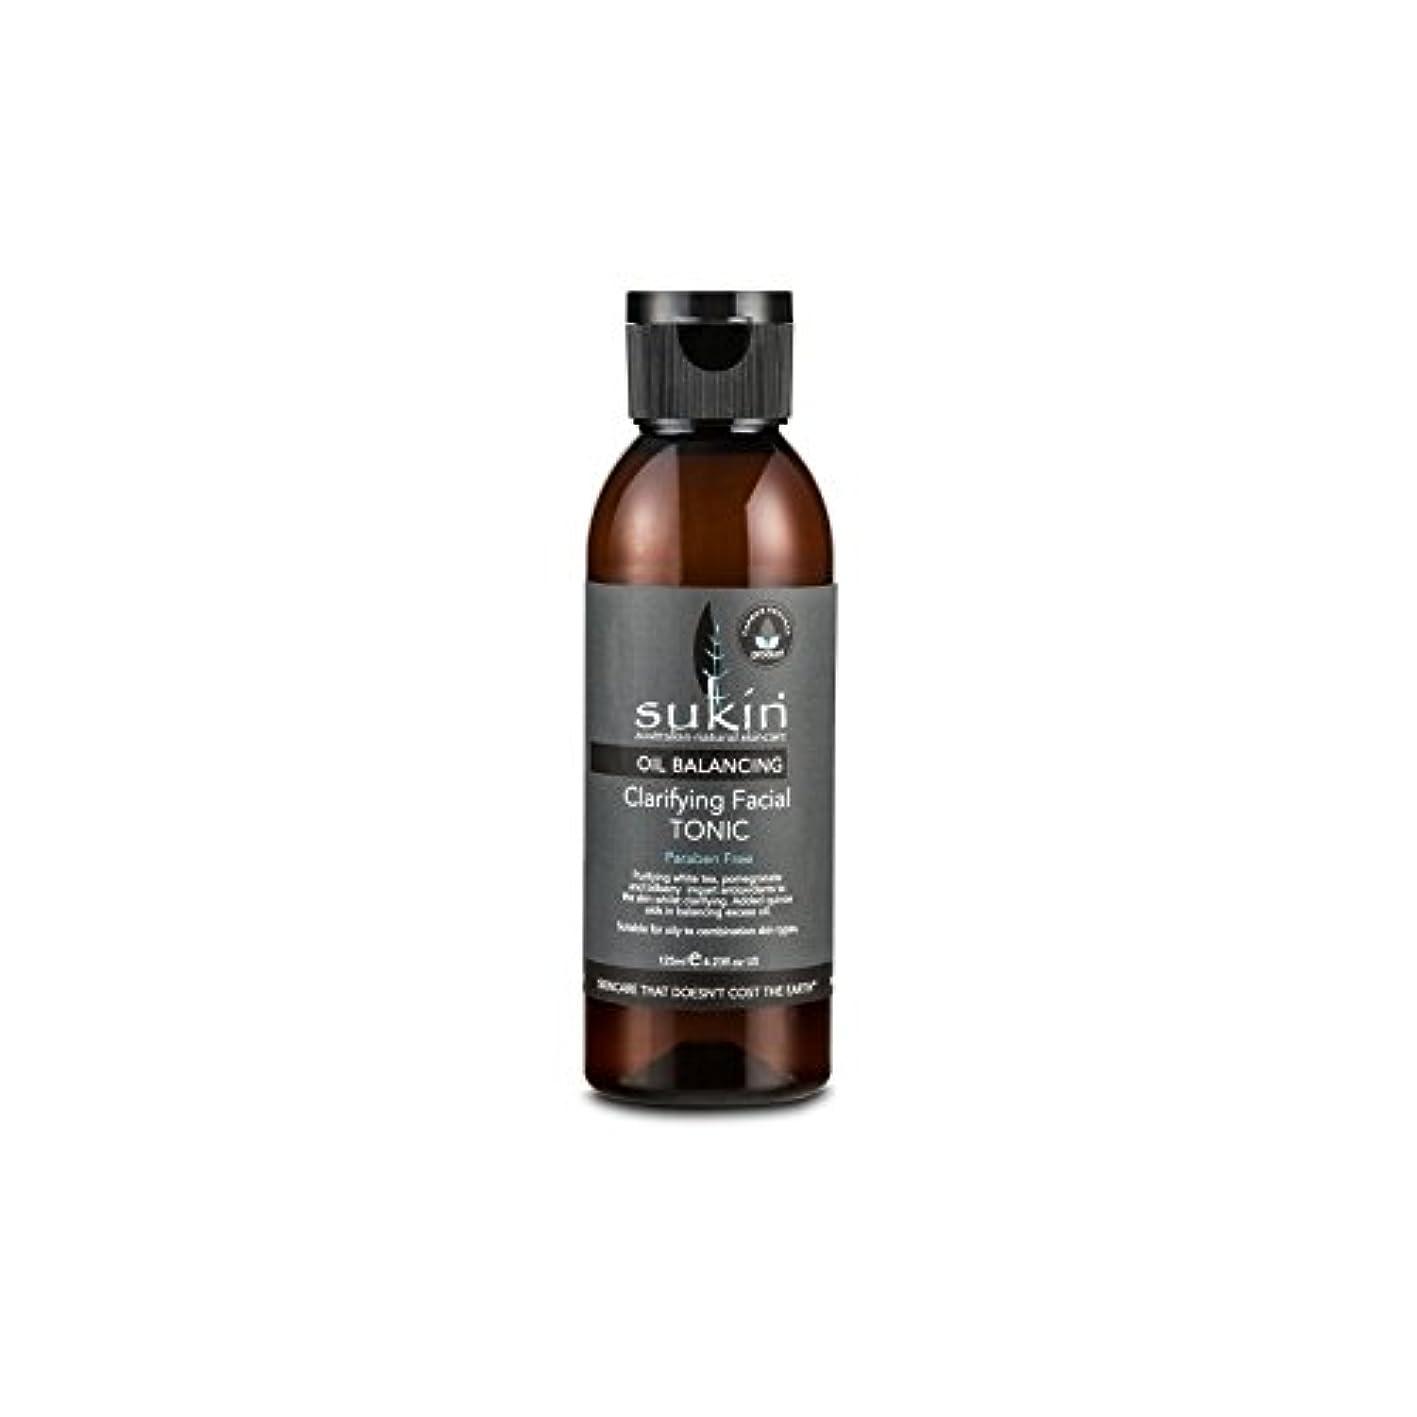 フェイシャルトニック125ミリリットルを明確オイルバランシング x4 - Sukin Oil Balancing Clarifying Facial Tonic 125ml (Pack of 4) [並行輸入品]